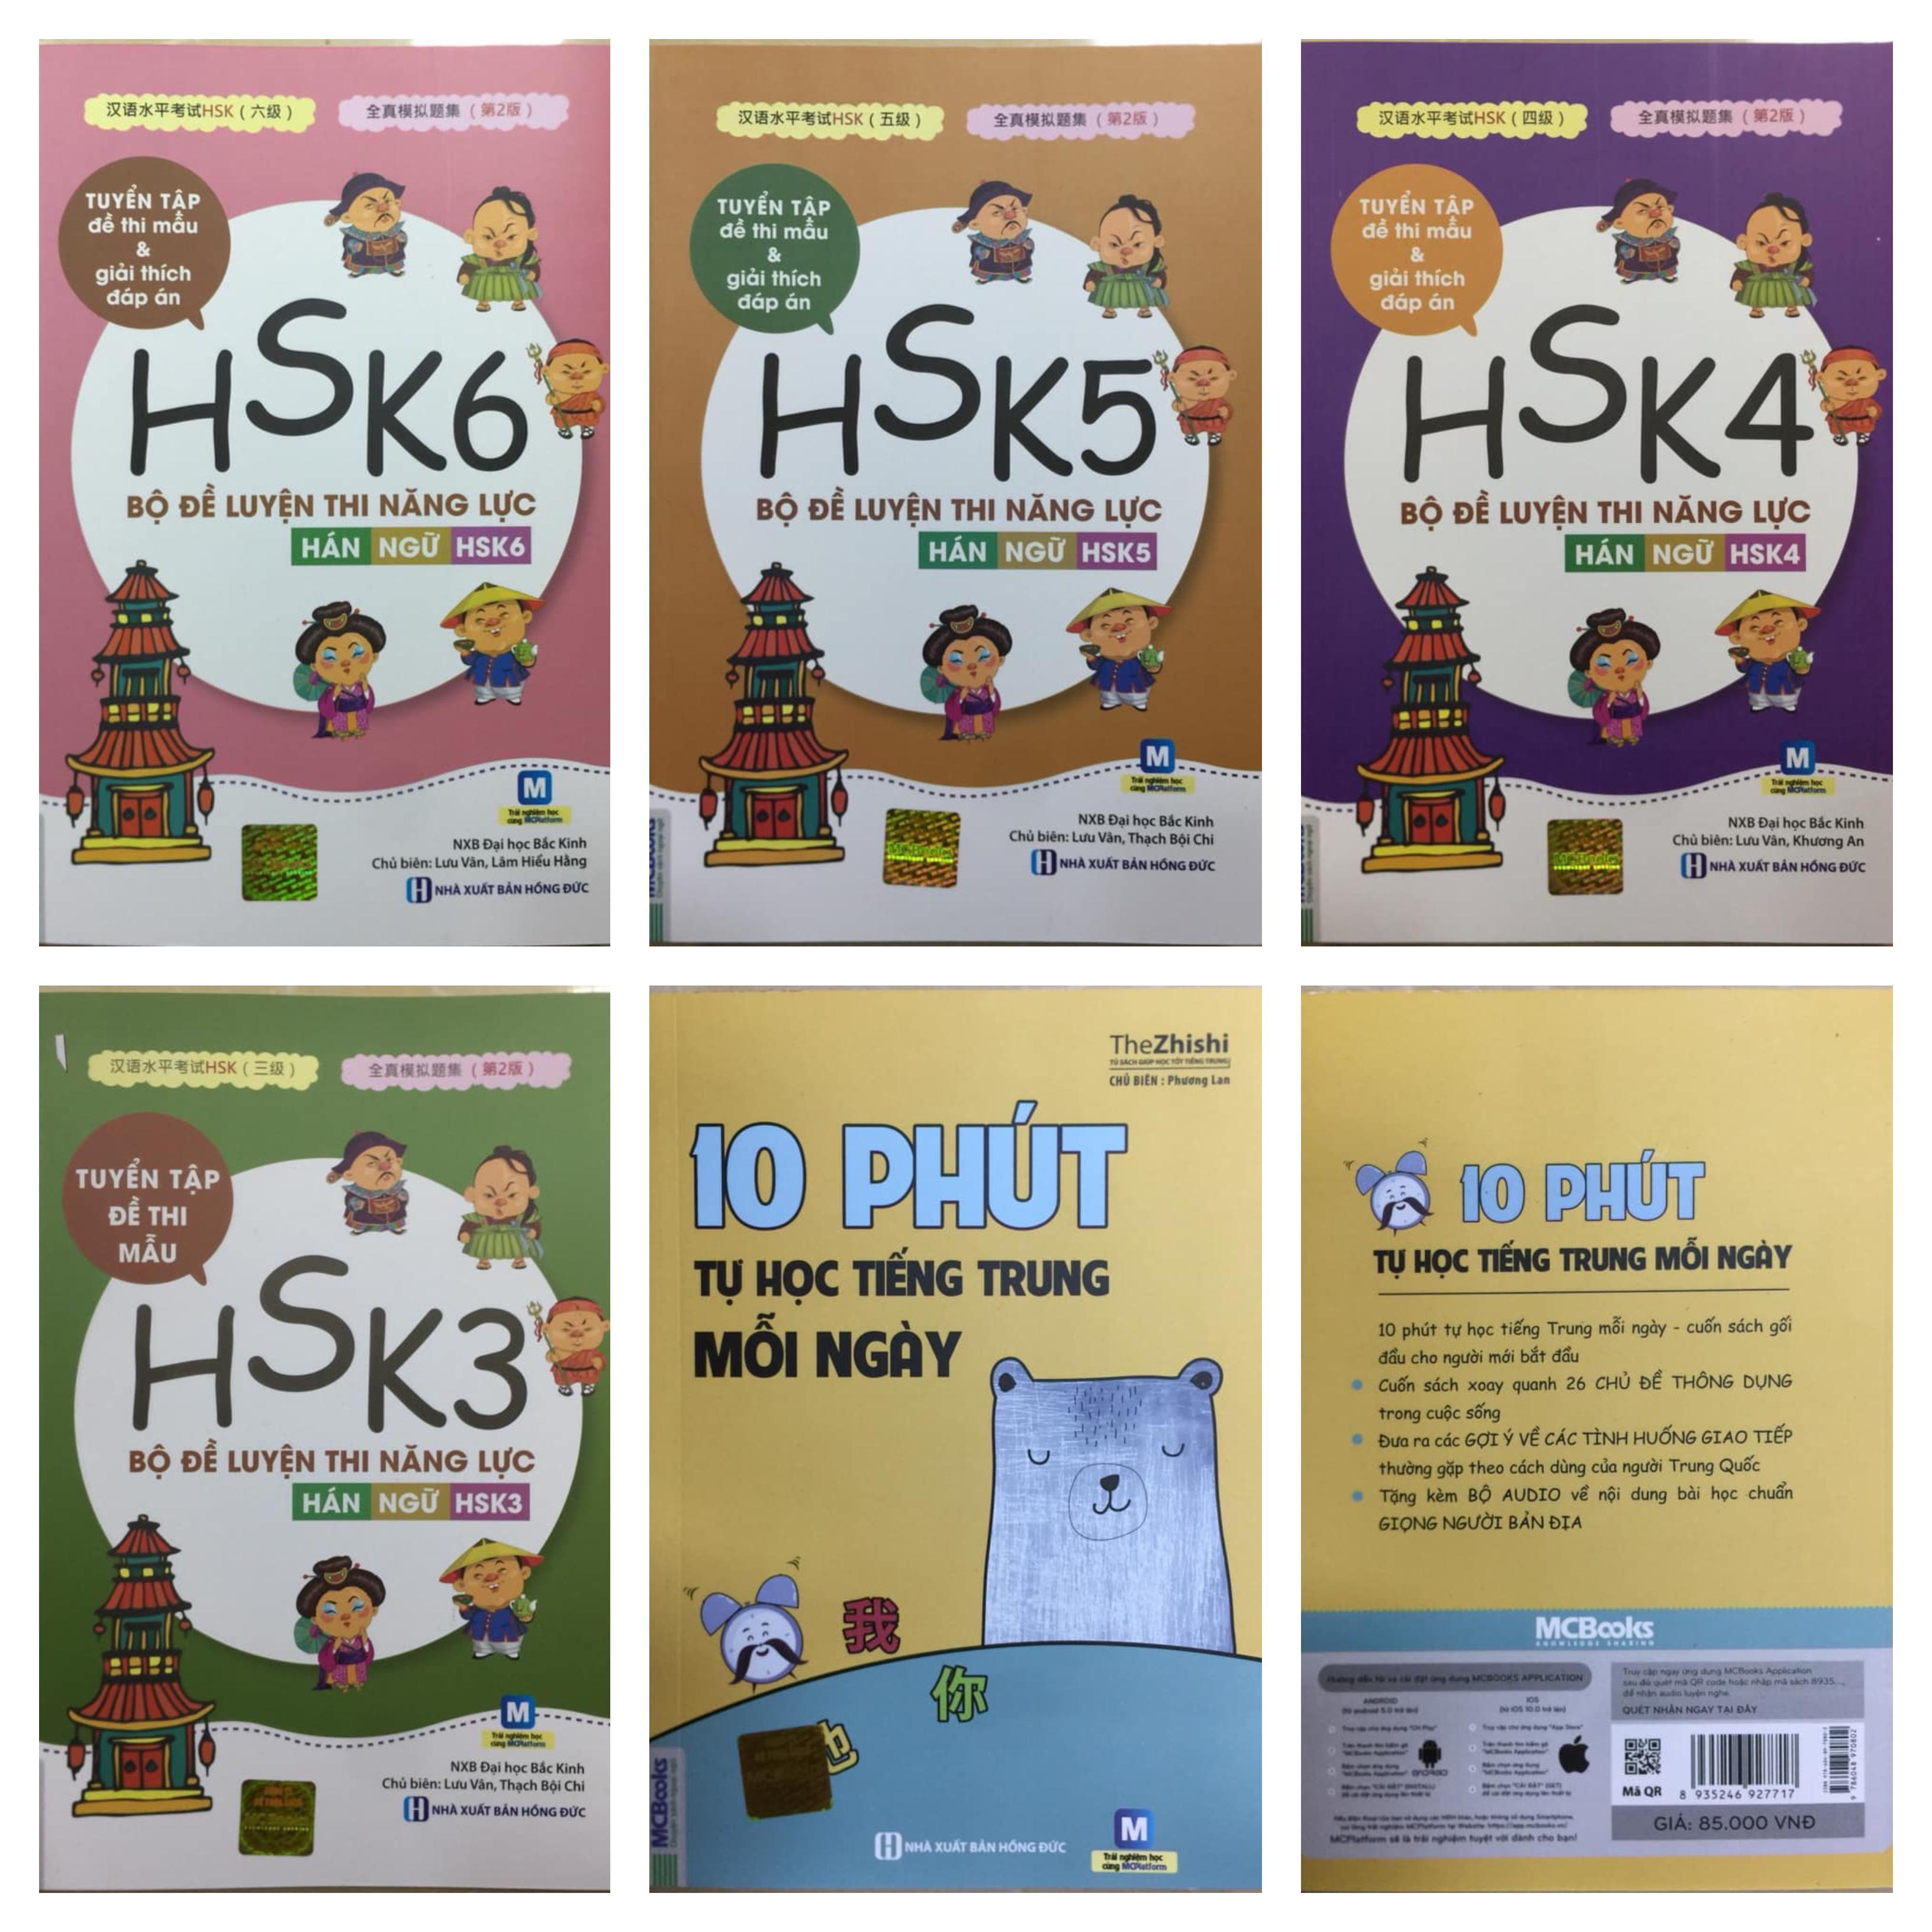 combo Bộ đề luyện thi năng lực Hán ngữ HSK3+HSK4+HSK5+HSK6(tặng cuốn 10 phút tự học tiếng trung mỗi ngày)